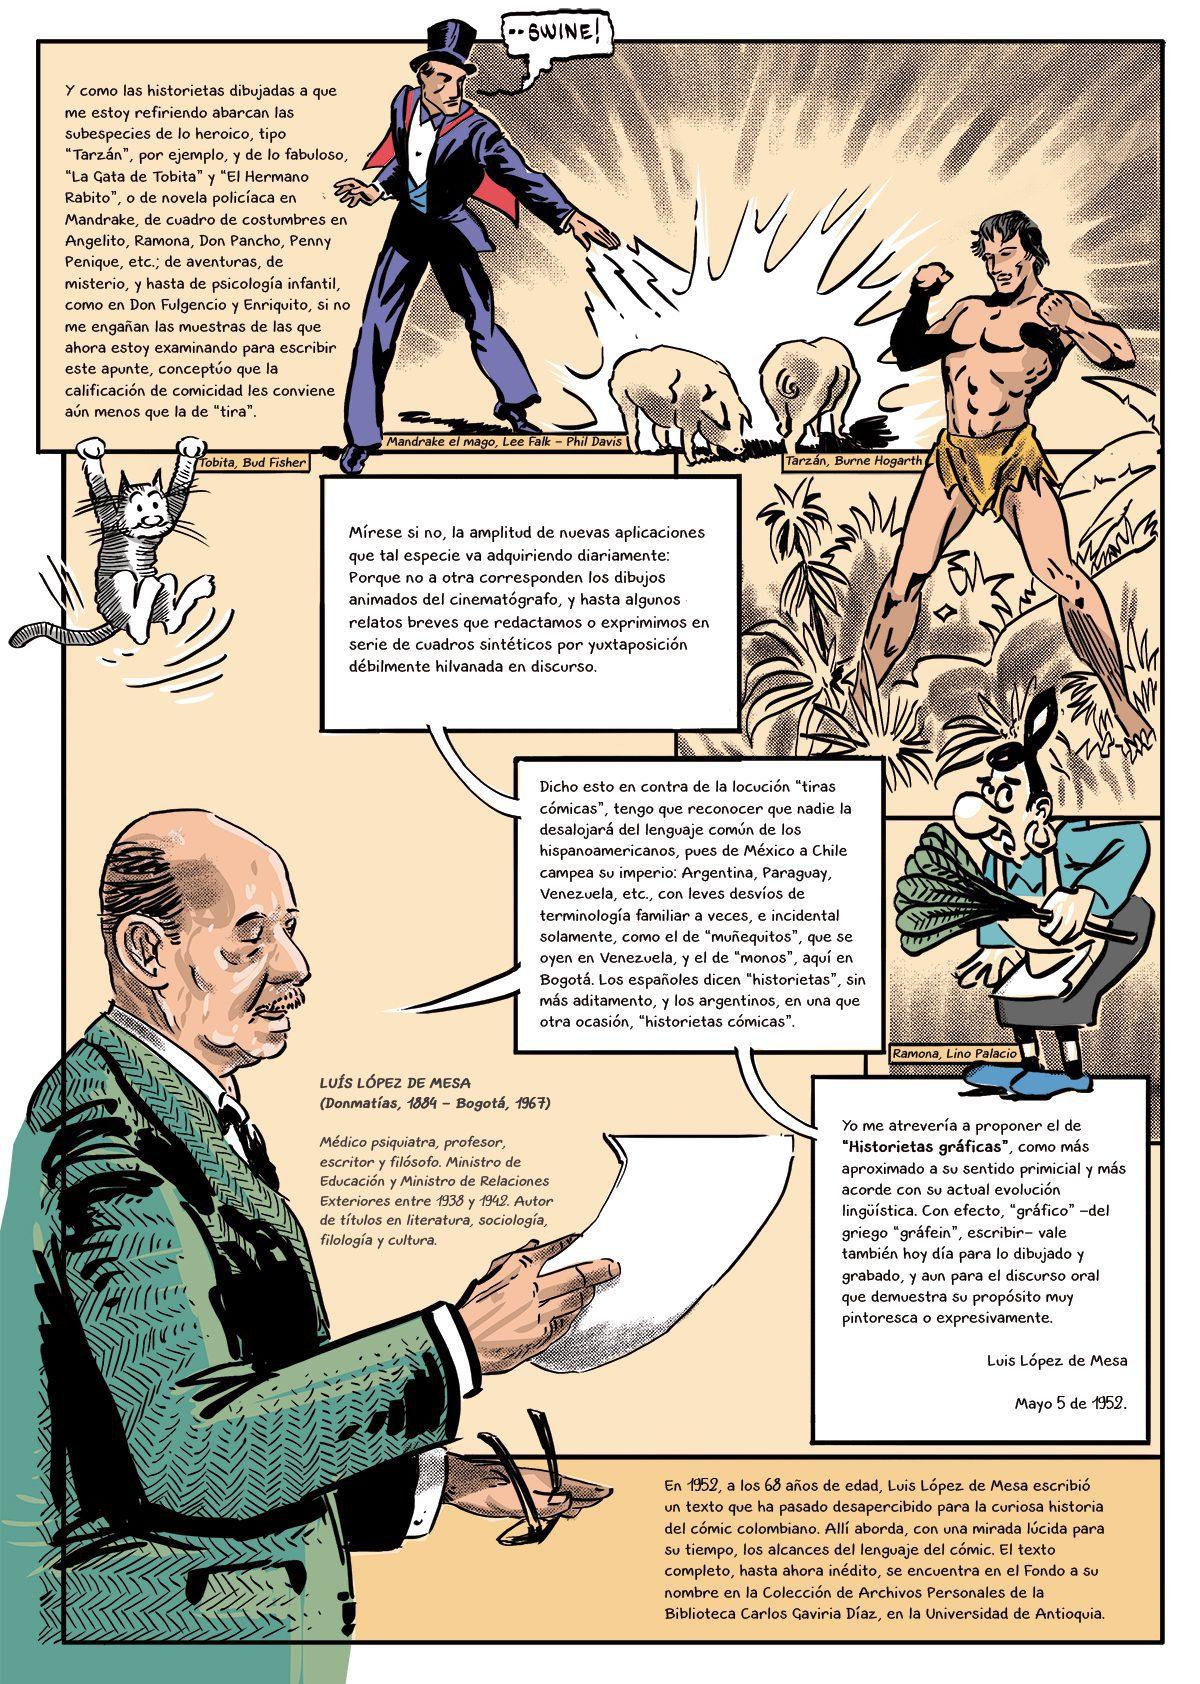 Tiras Cómicas un texto de Luis López de Mesa Comic